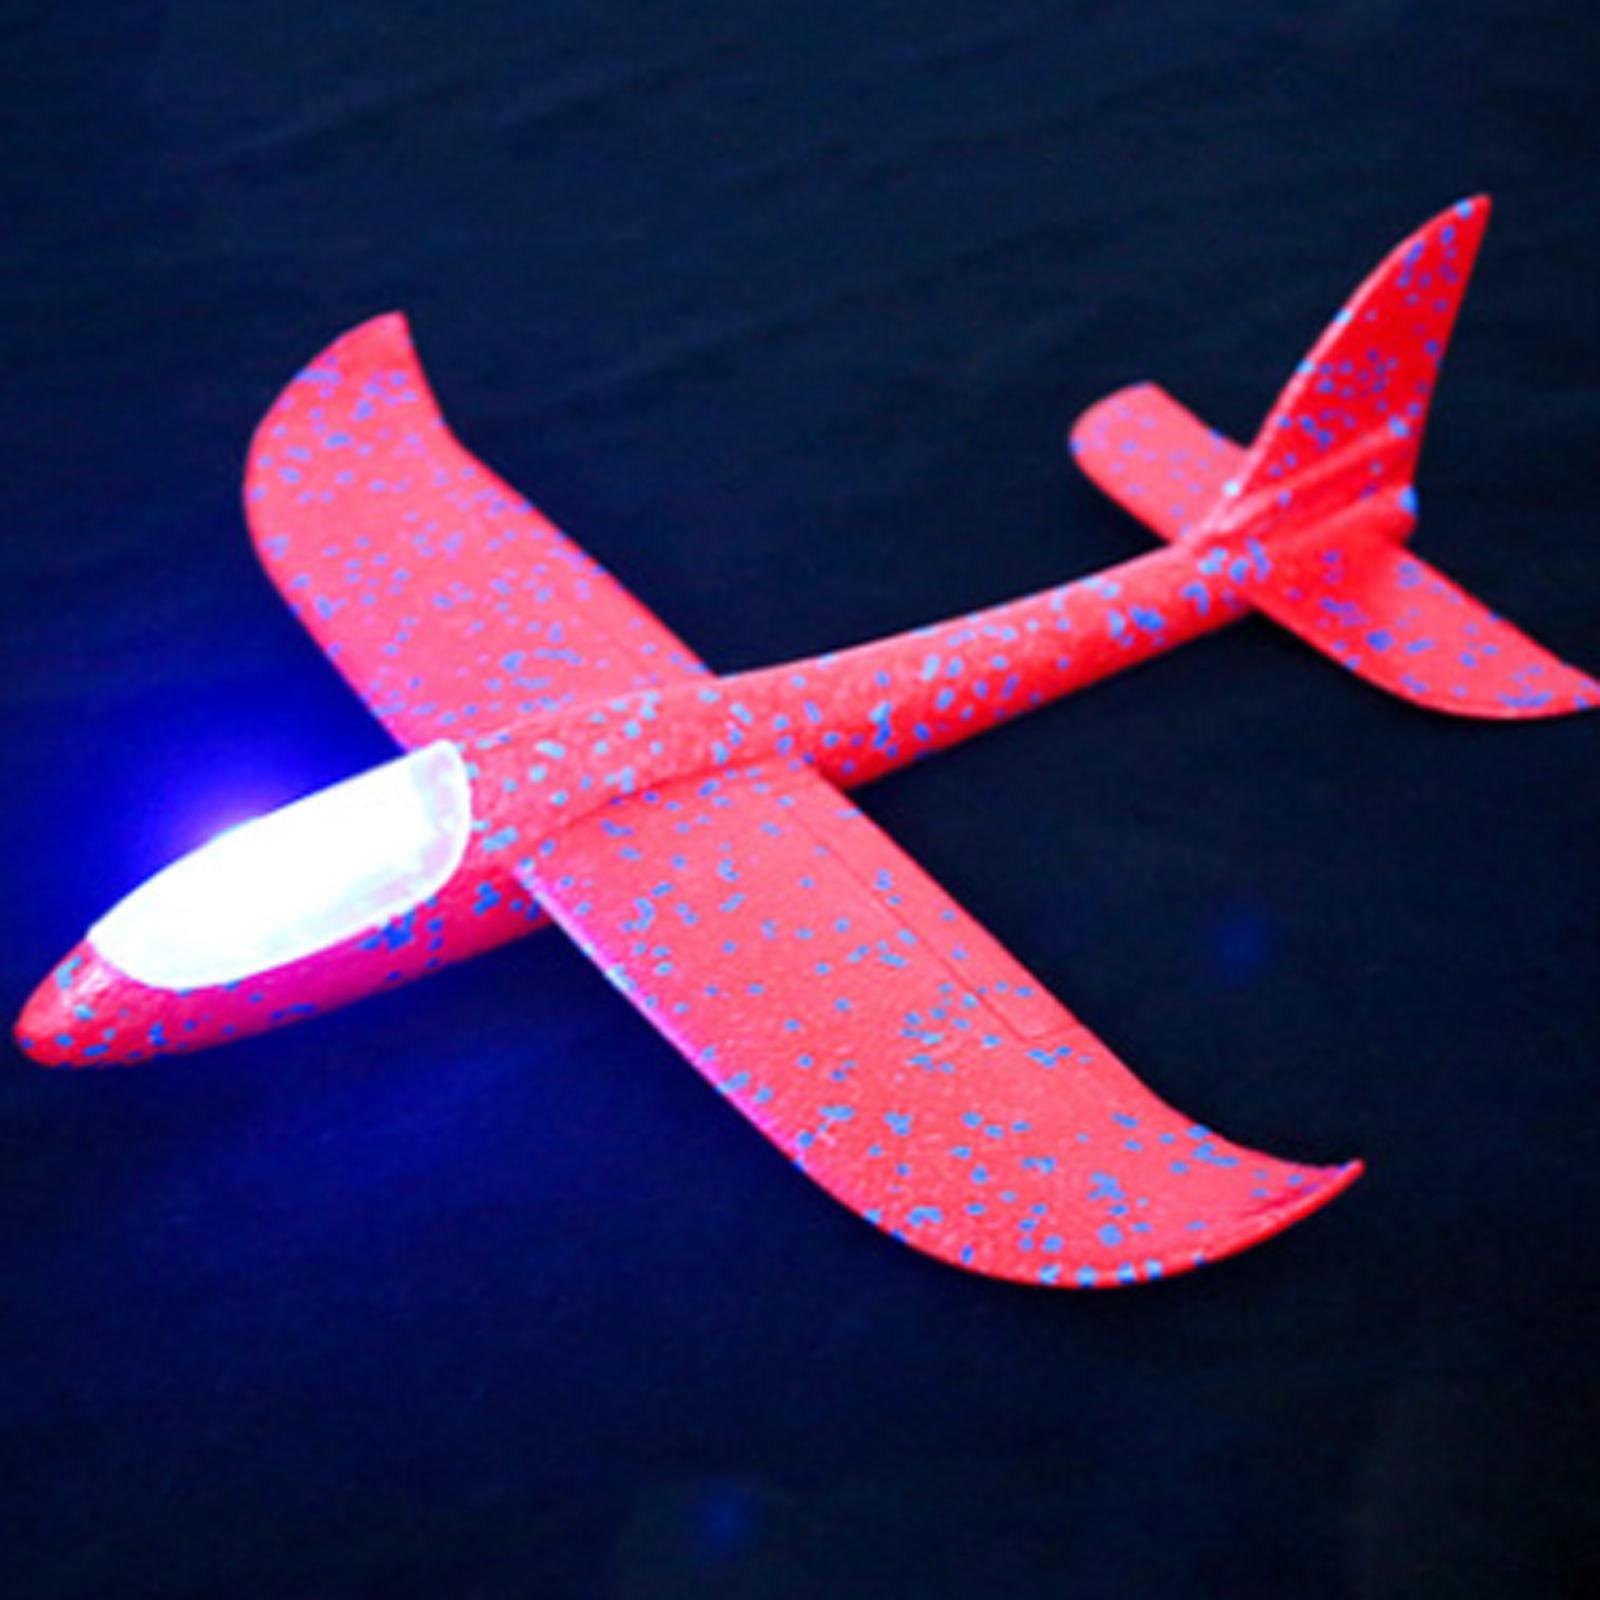 Пенопластовый летающий самолет, игрушки, самолет, ручной запуск, открытый пусковой планер, самолет, подарок для детей, игрушка, модель летаю...